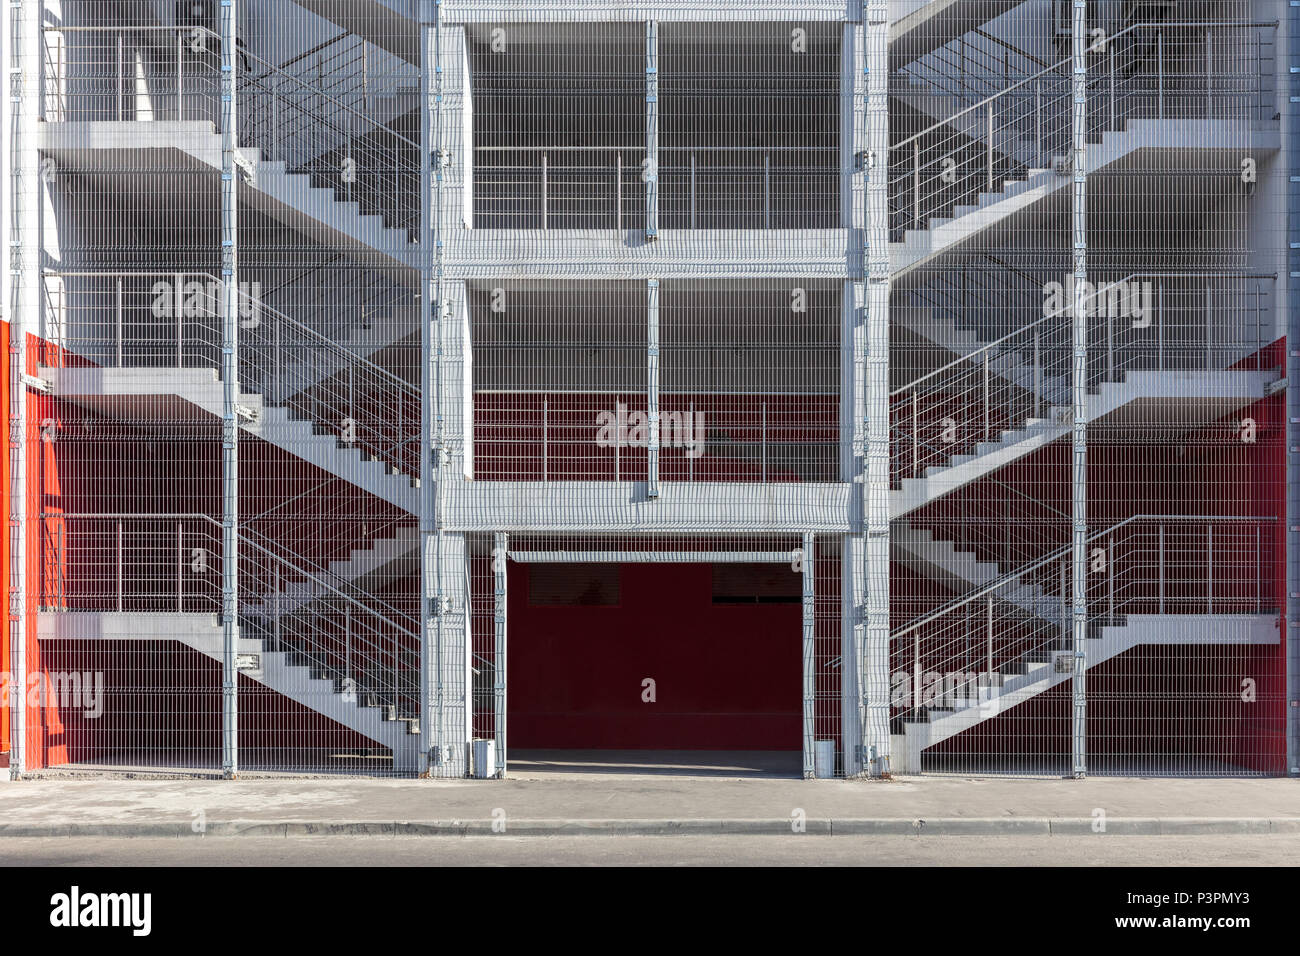 bâtiment industriel escalier de sortie de secours ou un escalier de